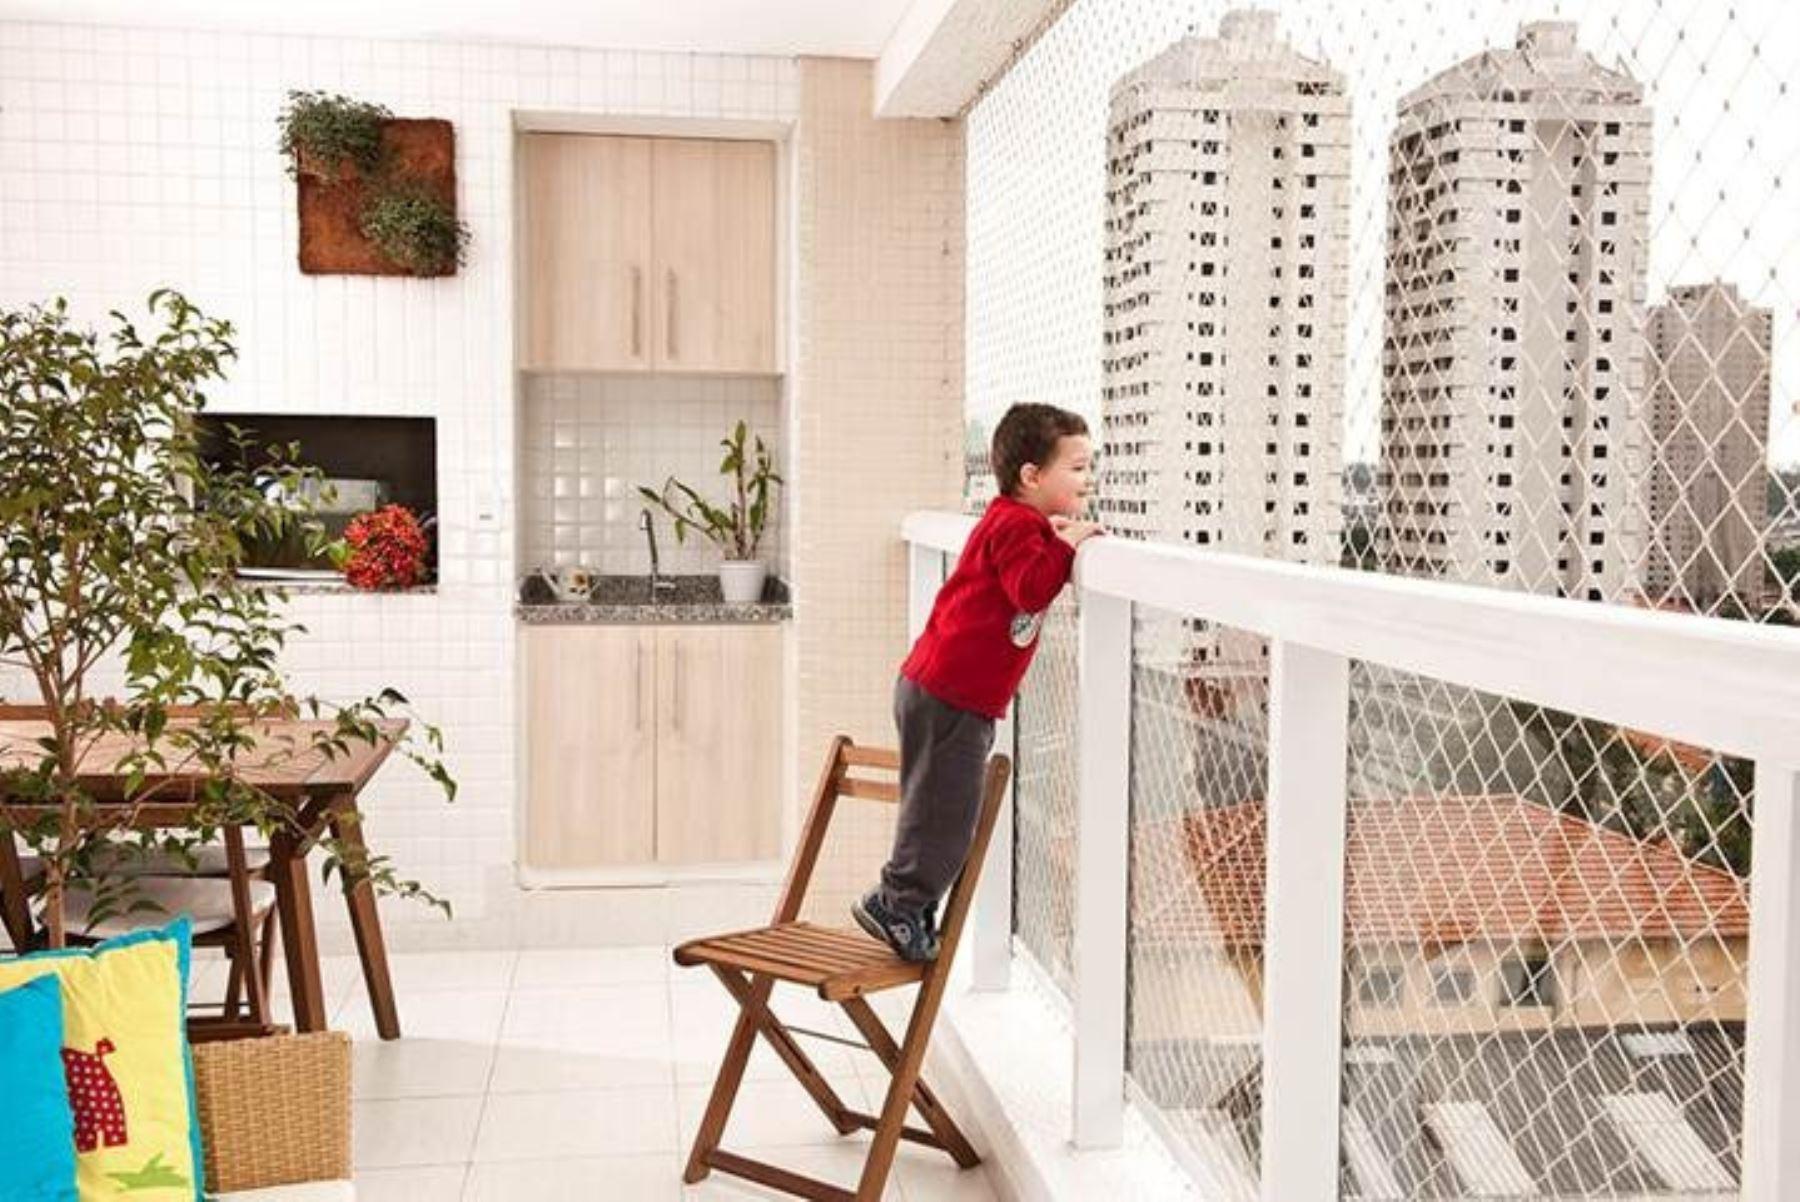 Recomiendan colocar mallas en ventanas y balcones de - Evitar condensacion ventanas ...